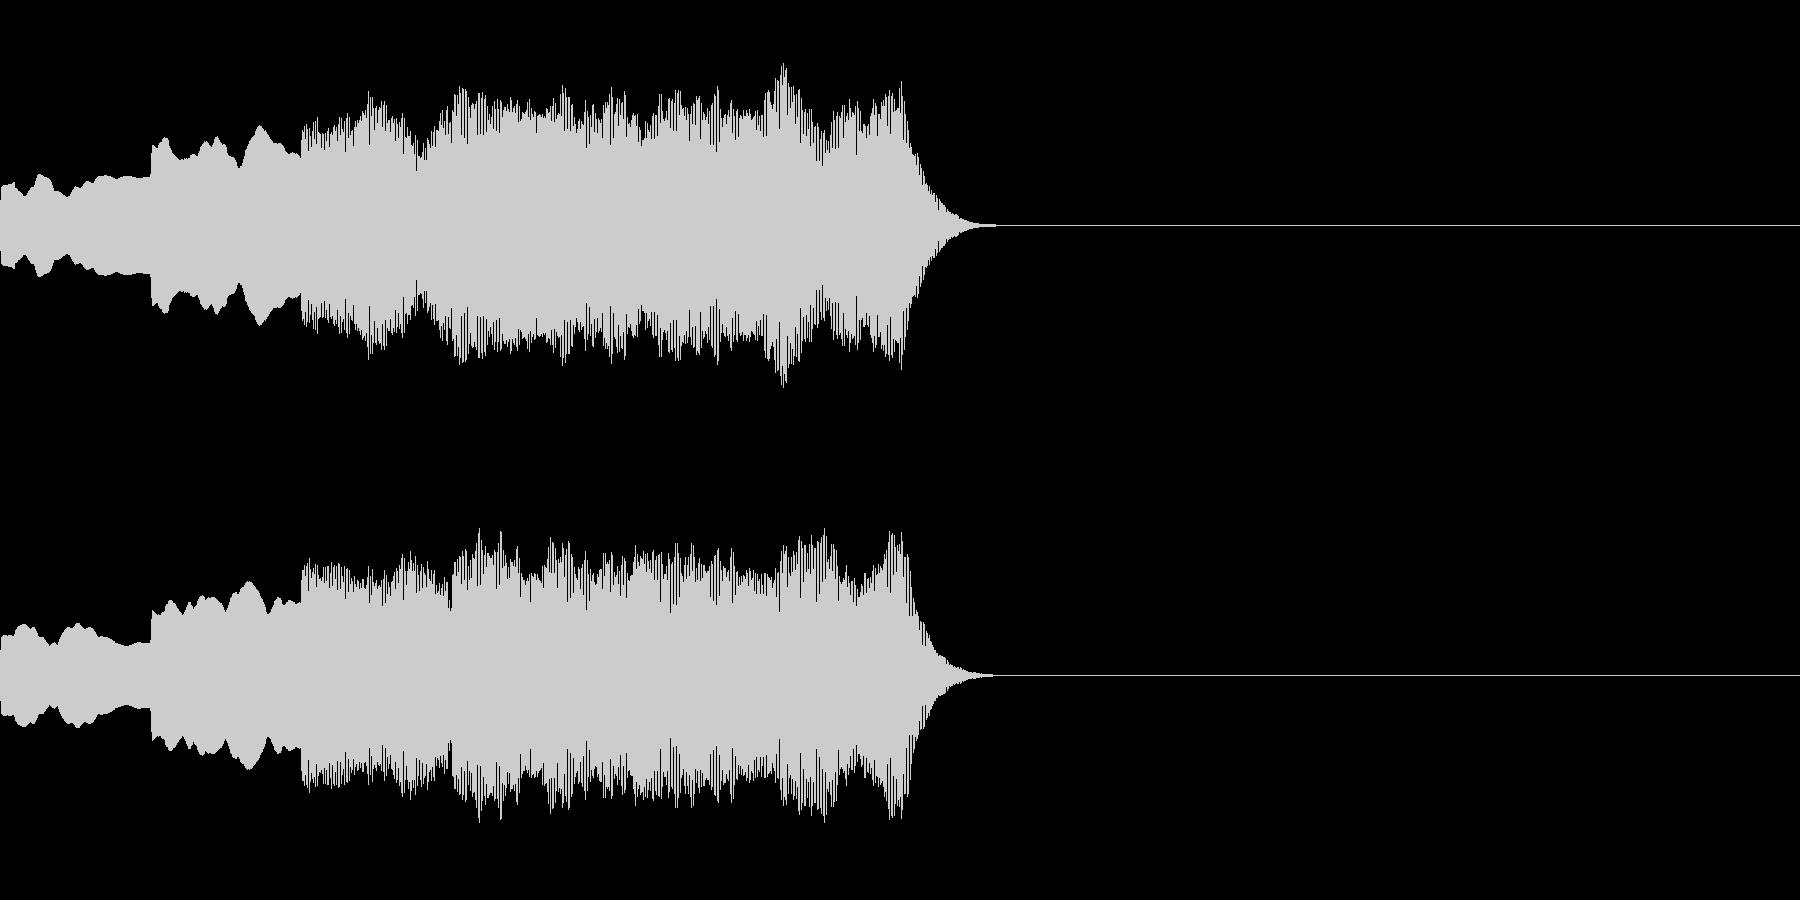 ピンポンパンポン(店内アナウンス後の音)の未再生の波形